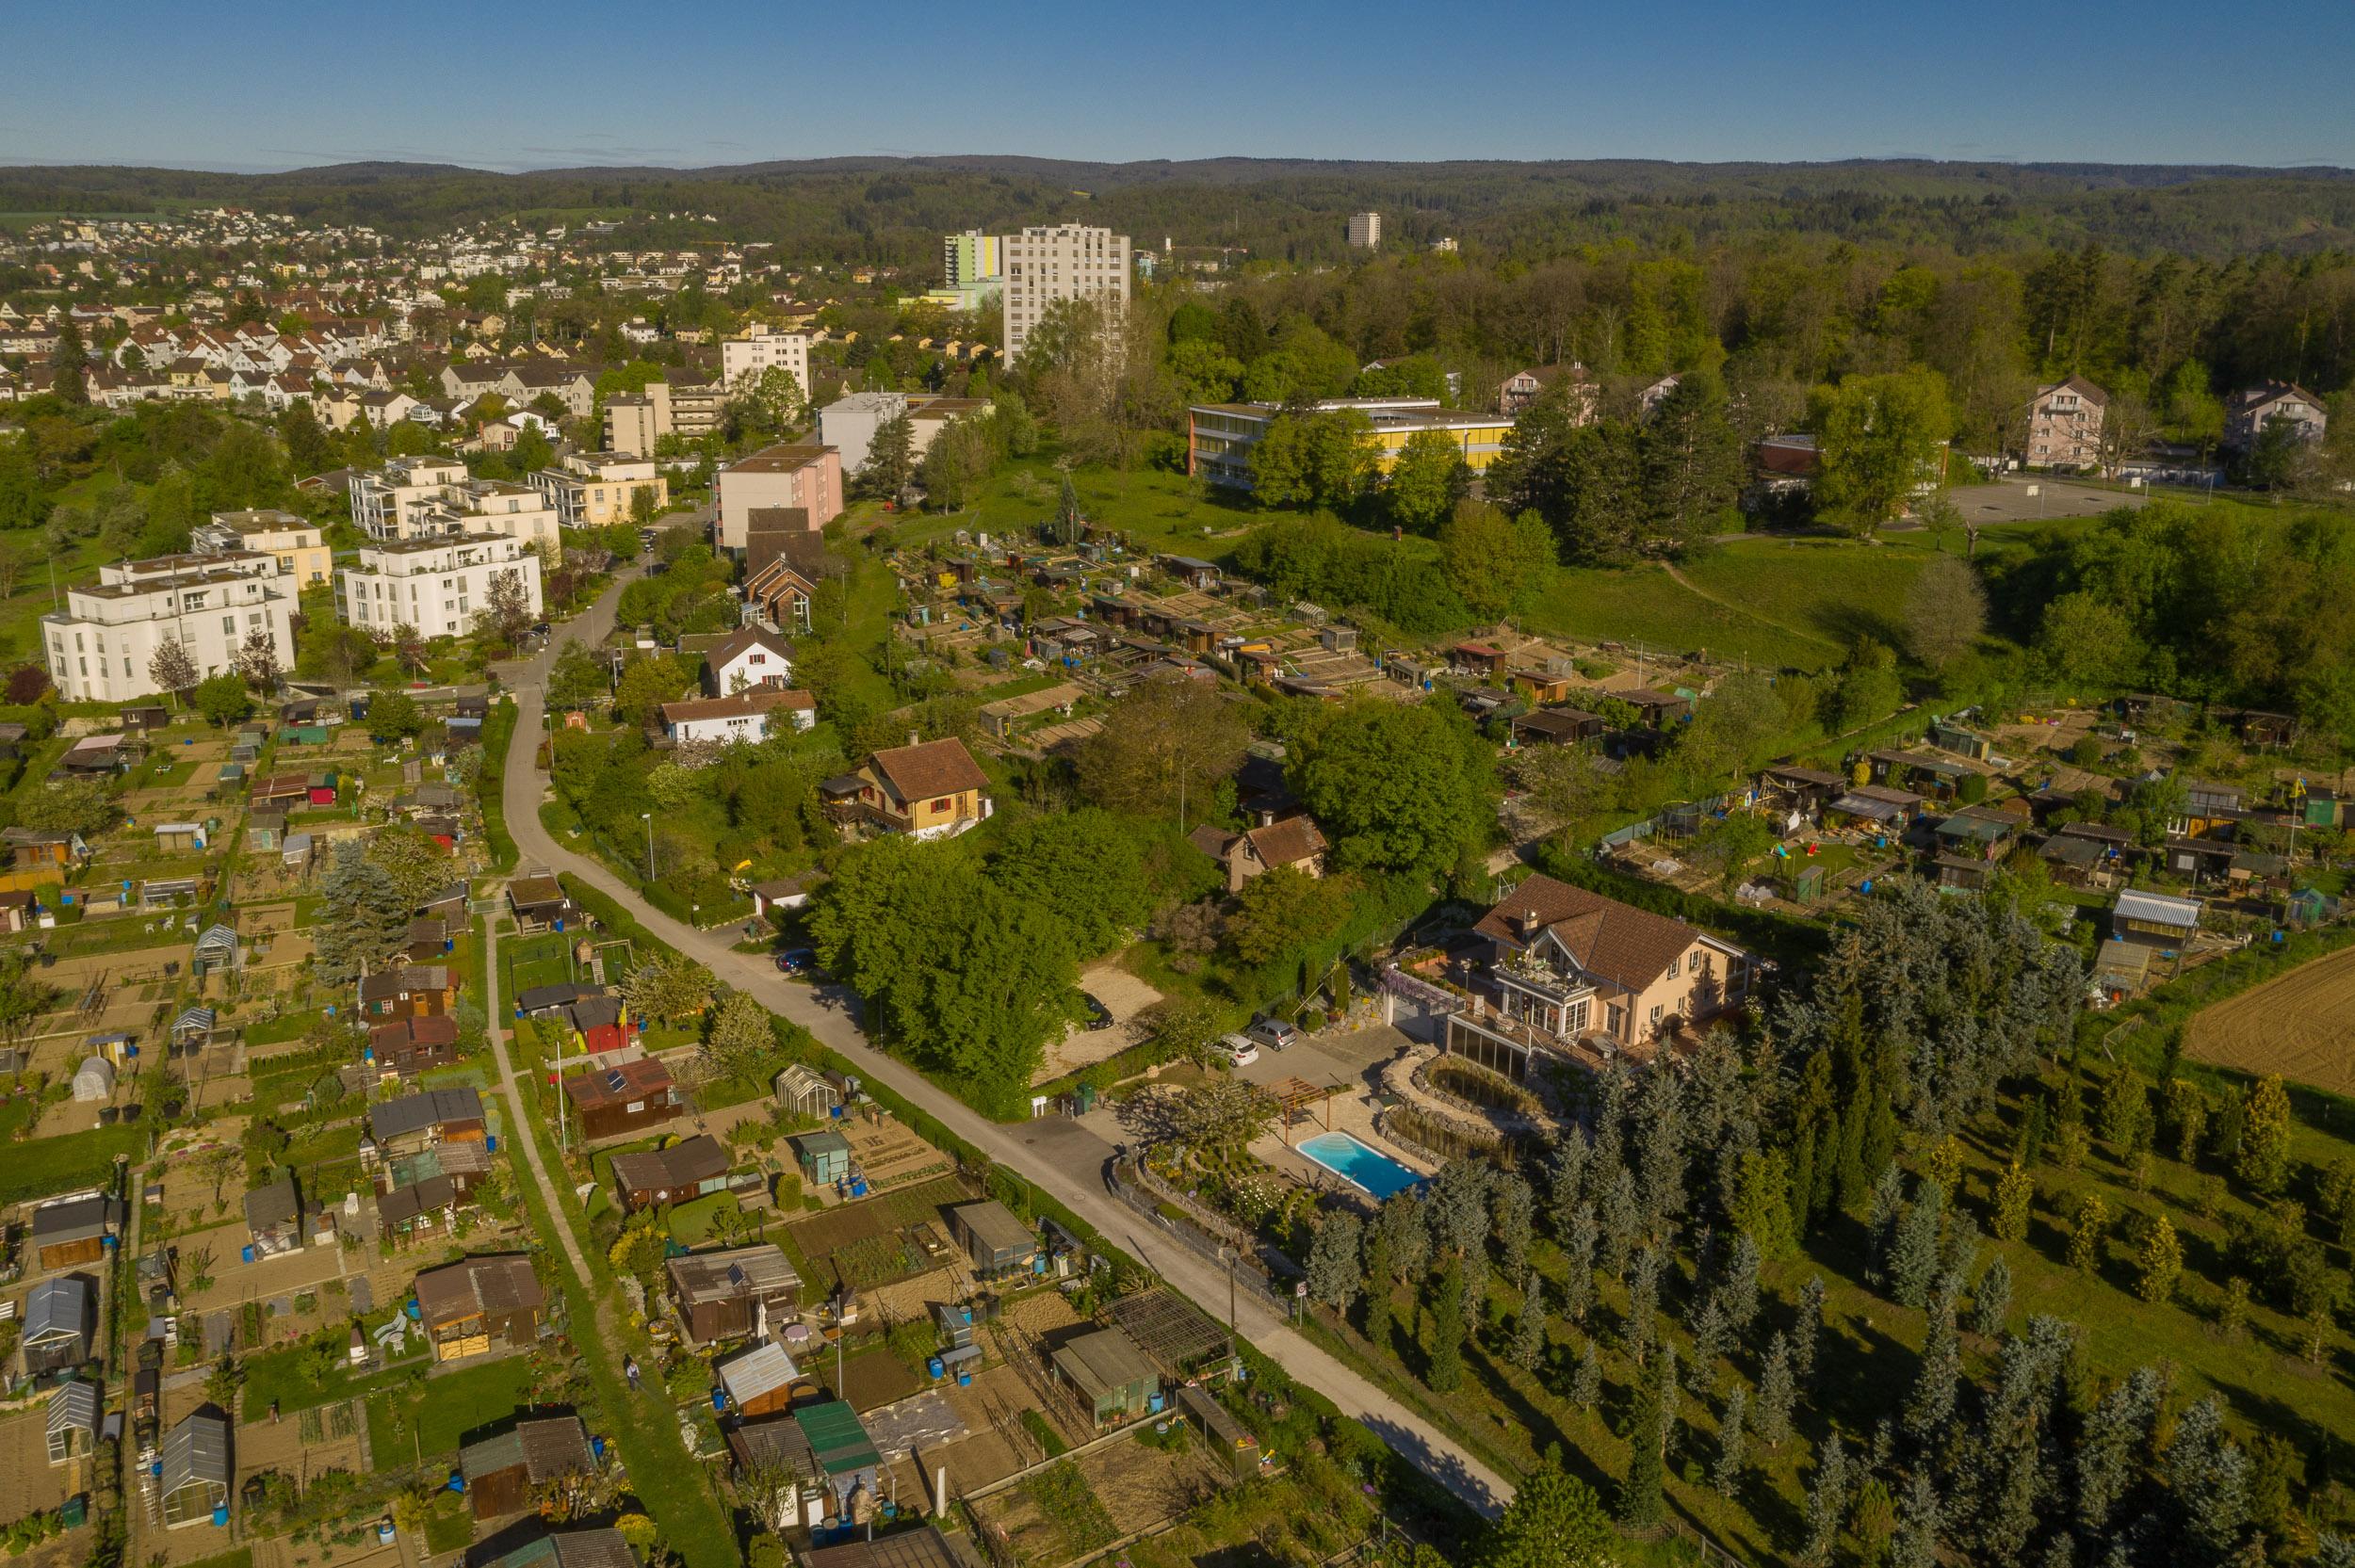 Blick Richtung Westen. Man ist mitten im Grünen und doch nah bei der Stadt Schaffhausen. Die Bushhaltestelle ist in fünf Minuten erreichbar. Die Zufahrtsstrasse zum Haus ist eine Fahrverbotsstrasse mit Zubringerdienst